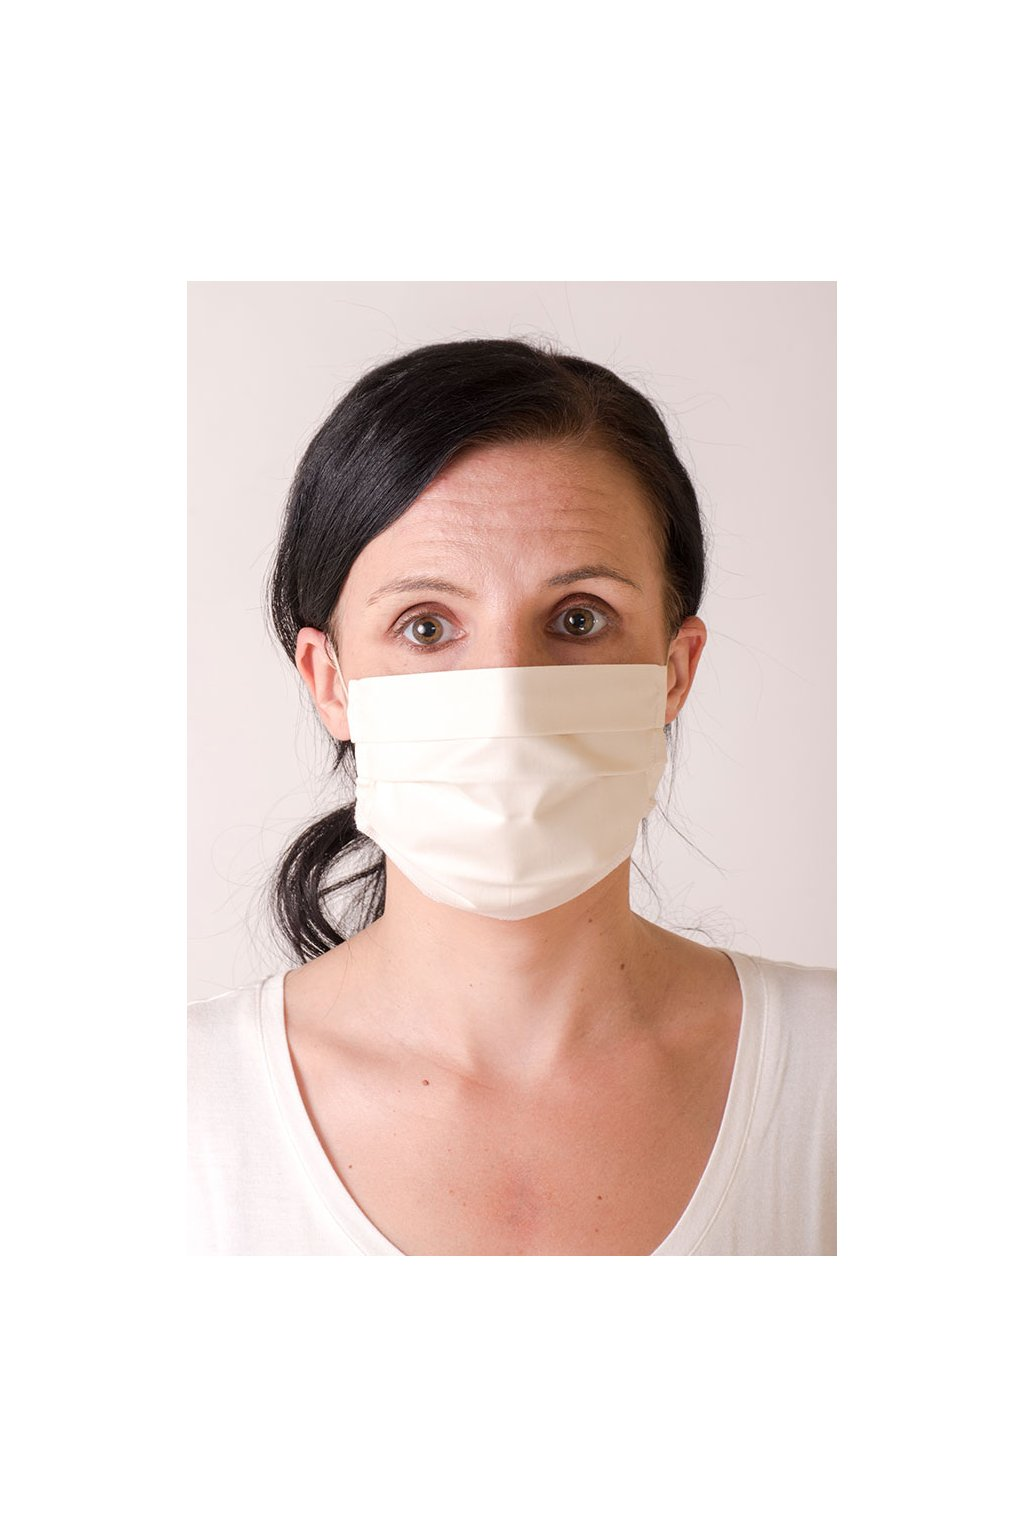 Dámská bavlněná rouška na ústa a nos dvouvrstvá, ouška z gumičky, antibakteriální SILVER+, 791-2, Smetanová